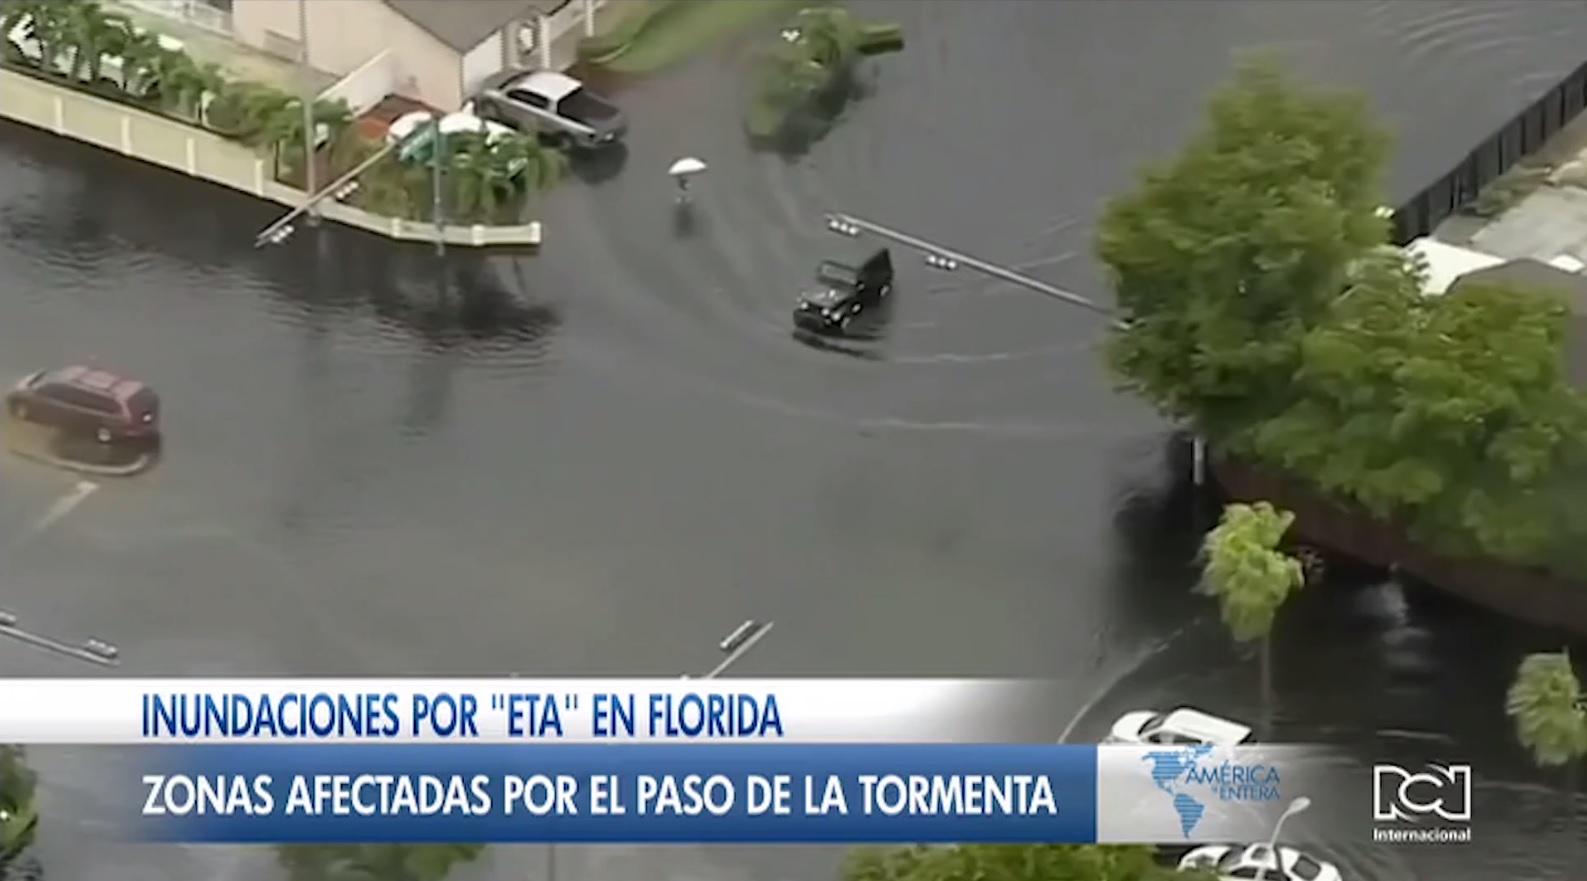 Alerta en Florida por las inundaciones provocadas por el paso de la tormenta Eta